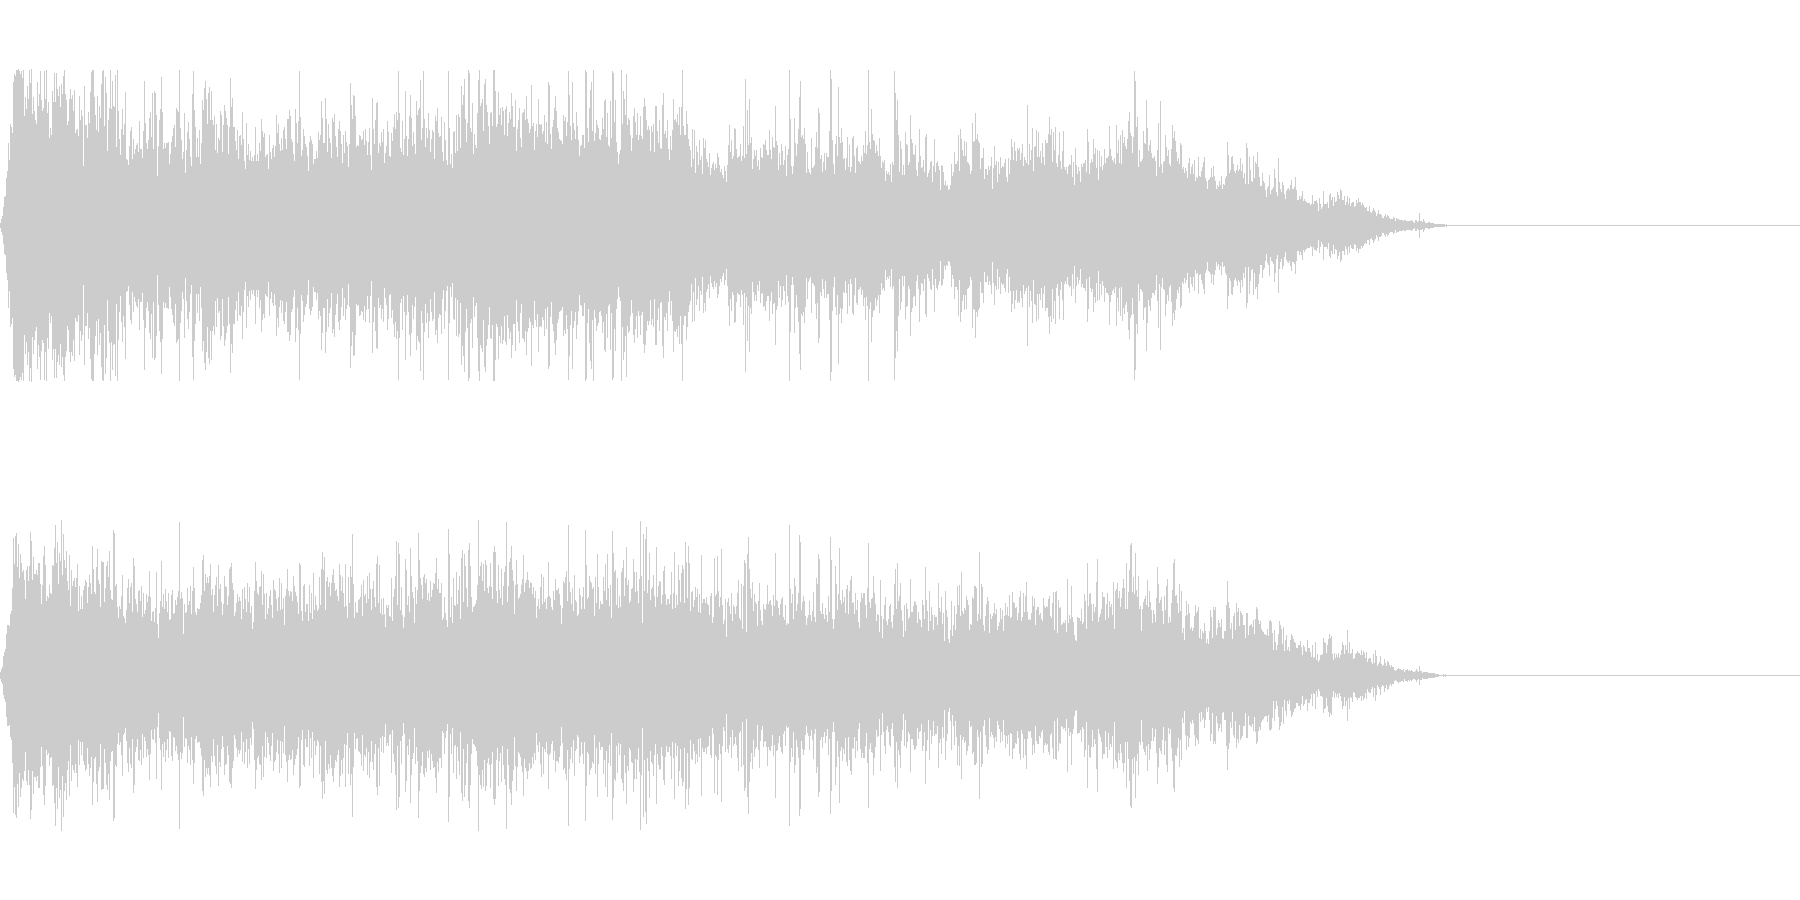 スクラップ 廃材 現場(環境音)の未再生の波形